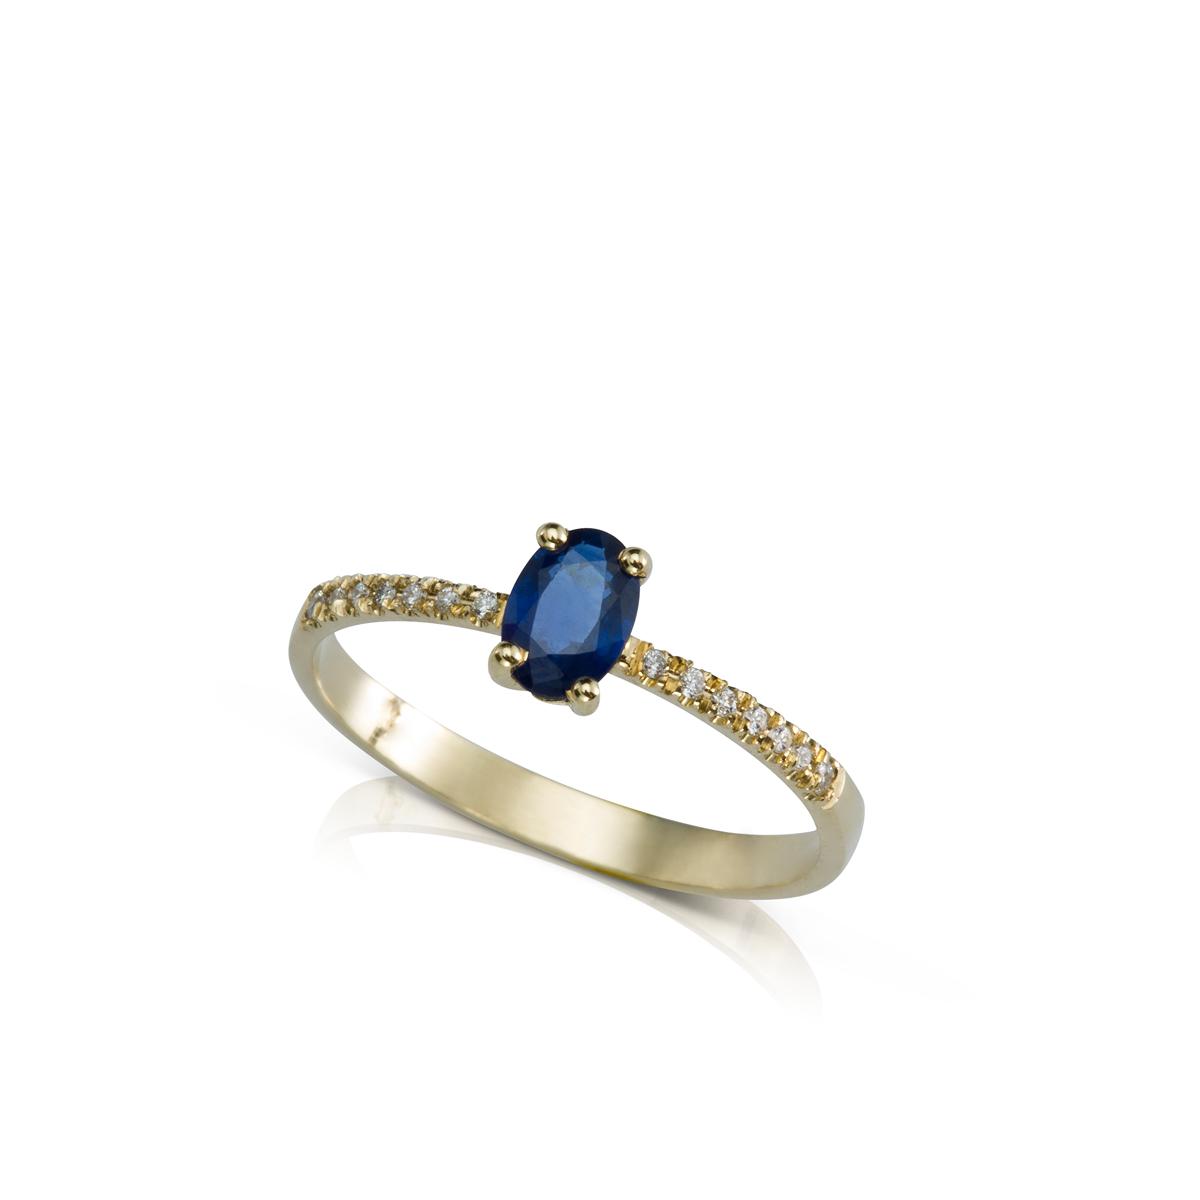 טבעת זהב משובצת ספיר אובלי ושורת יהלומים בצדדים